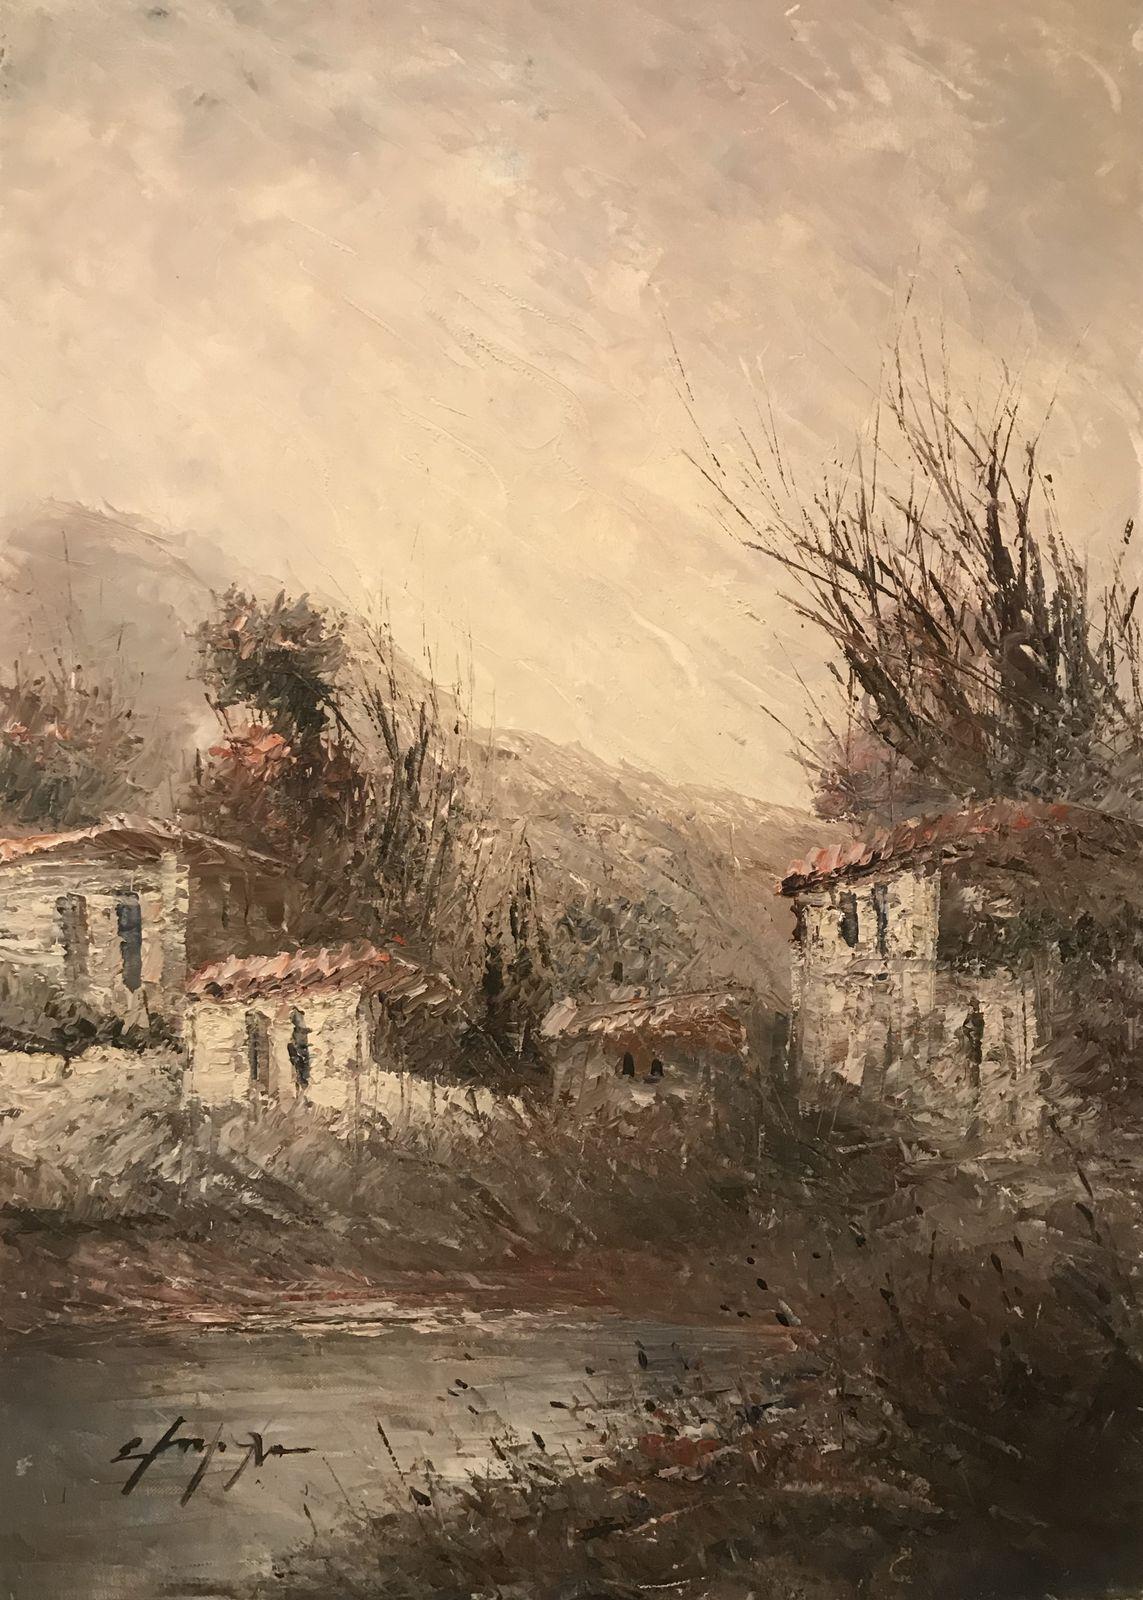 Σταματίνα Μαρνέζου 50×70 Ακρυλικά σε καμβά Stamatina Marnezou 50×70 Acrylics on canvas (3)